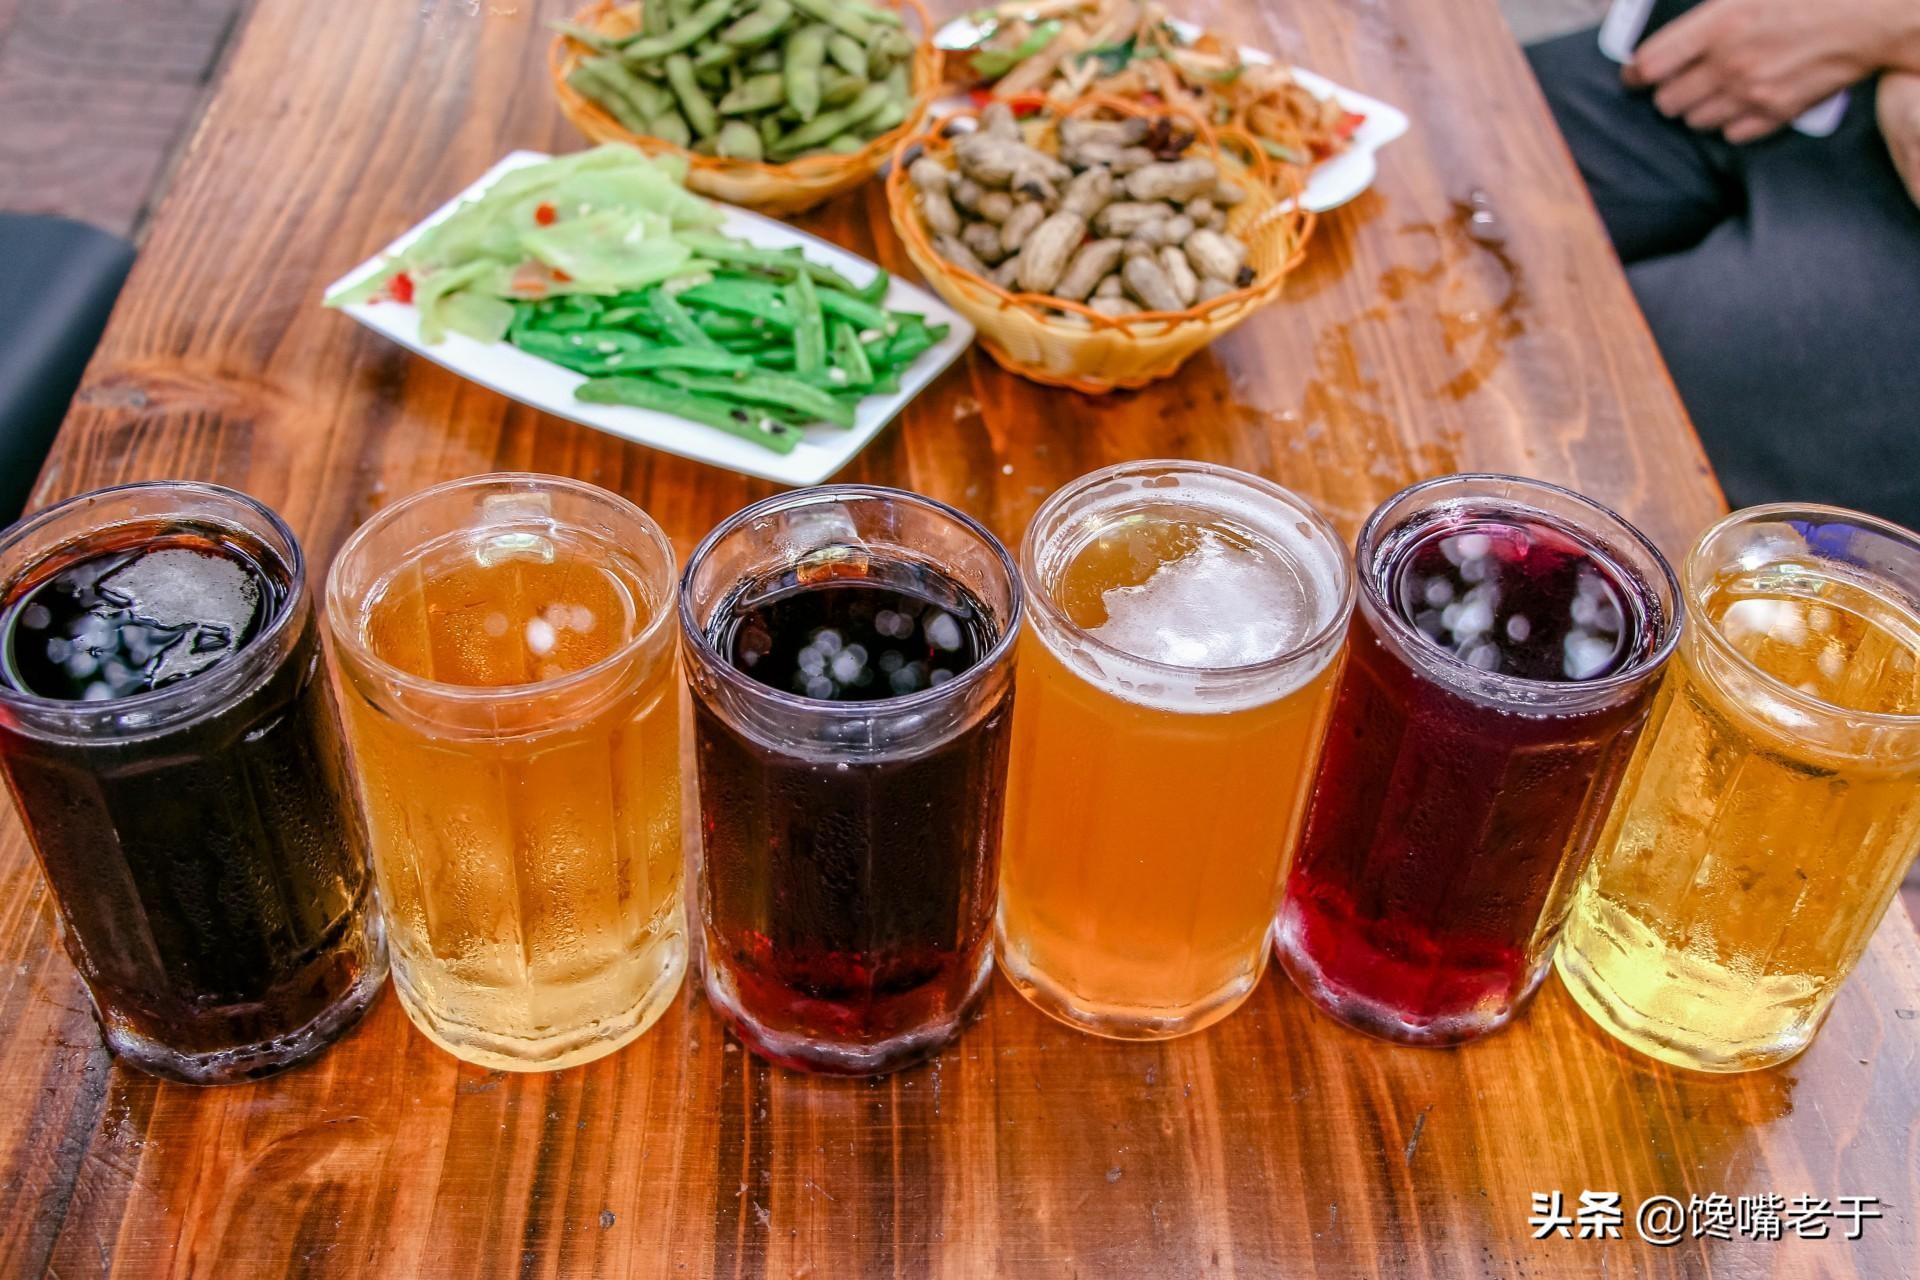 总算明白生啤、熟啤、原浆、纯生、干啤、冰啤、扎啤之间的差别了 亨饪秘籍 第11张